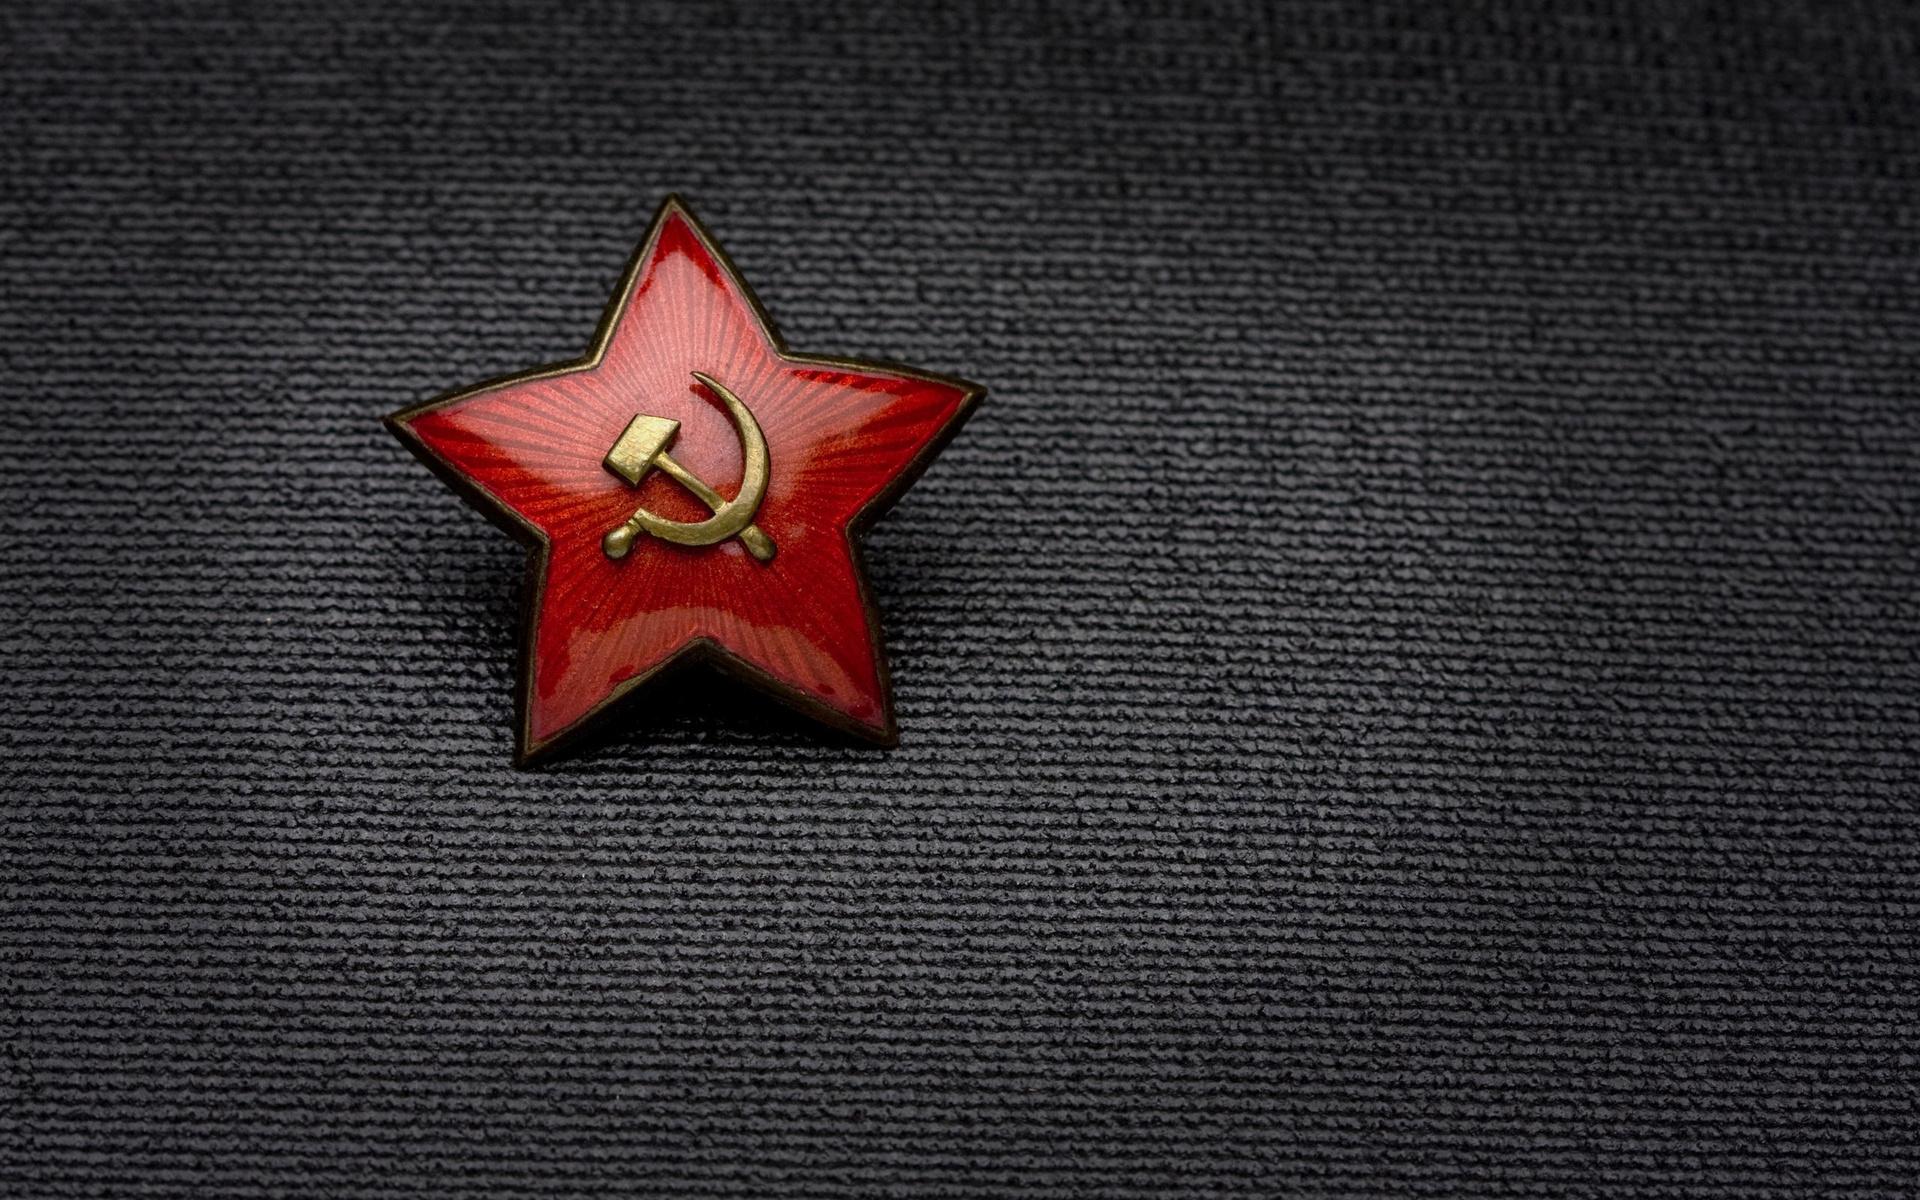 Картинка с красной звездой